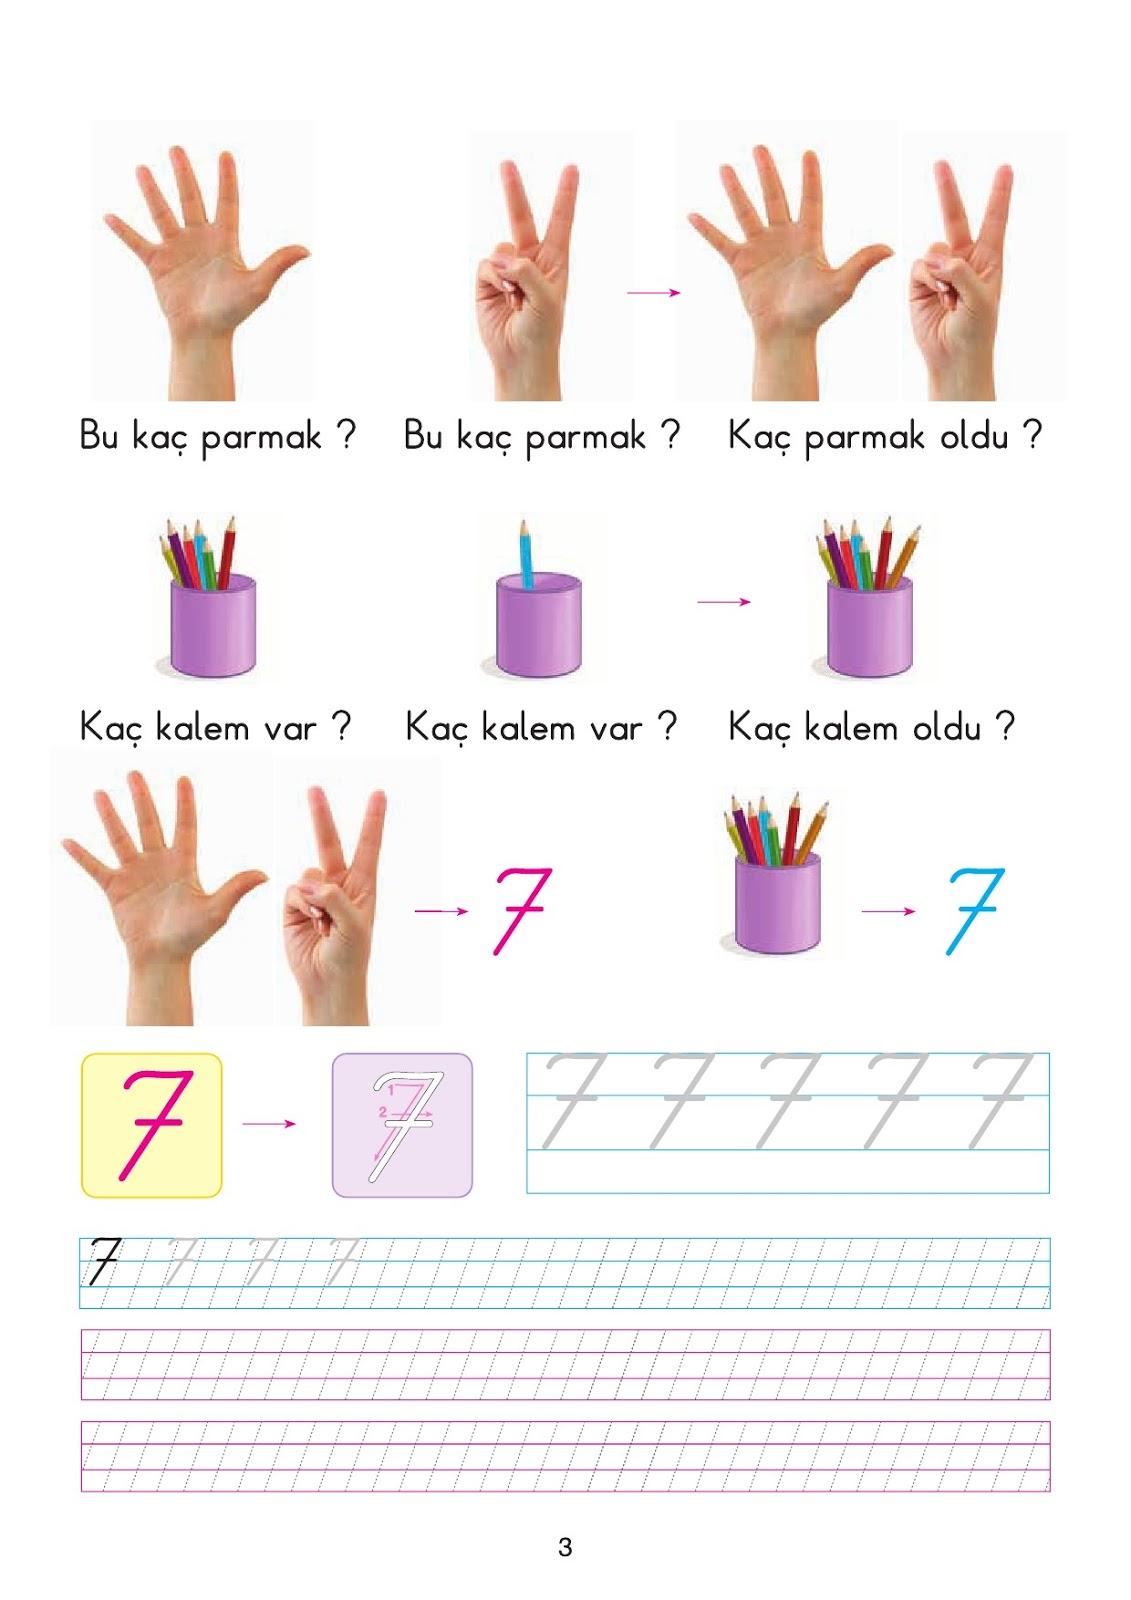 1 Sinif Matematik 7 Rakami Calisma Sayfasi Ders Kitabi Cevaplari